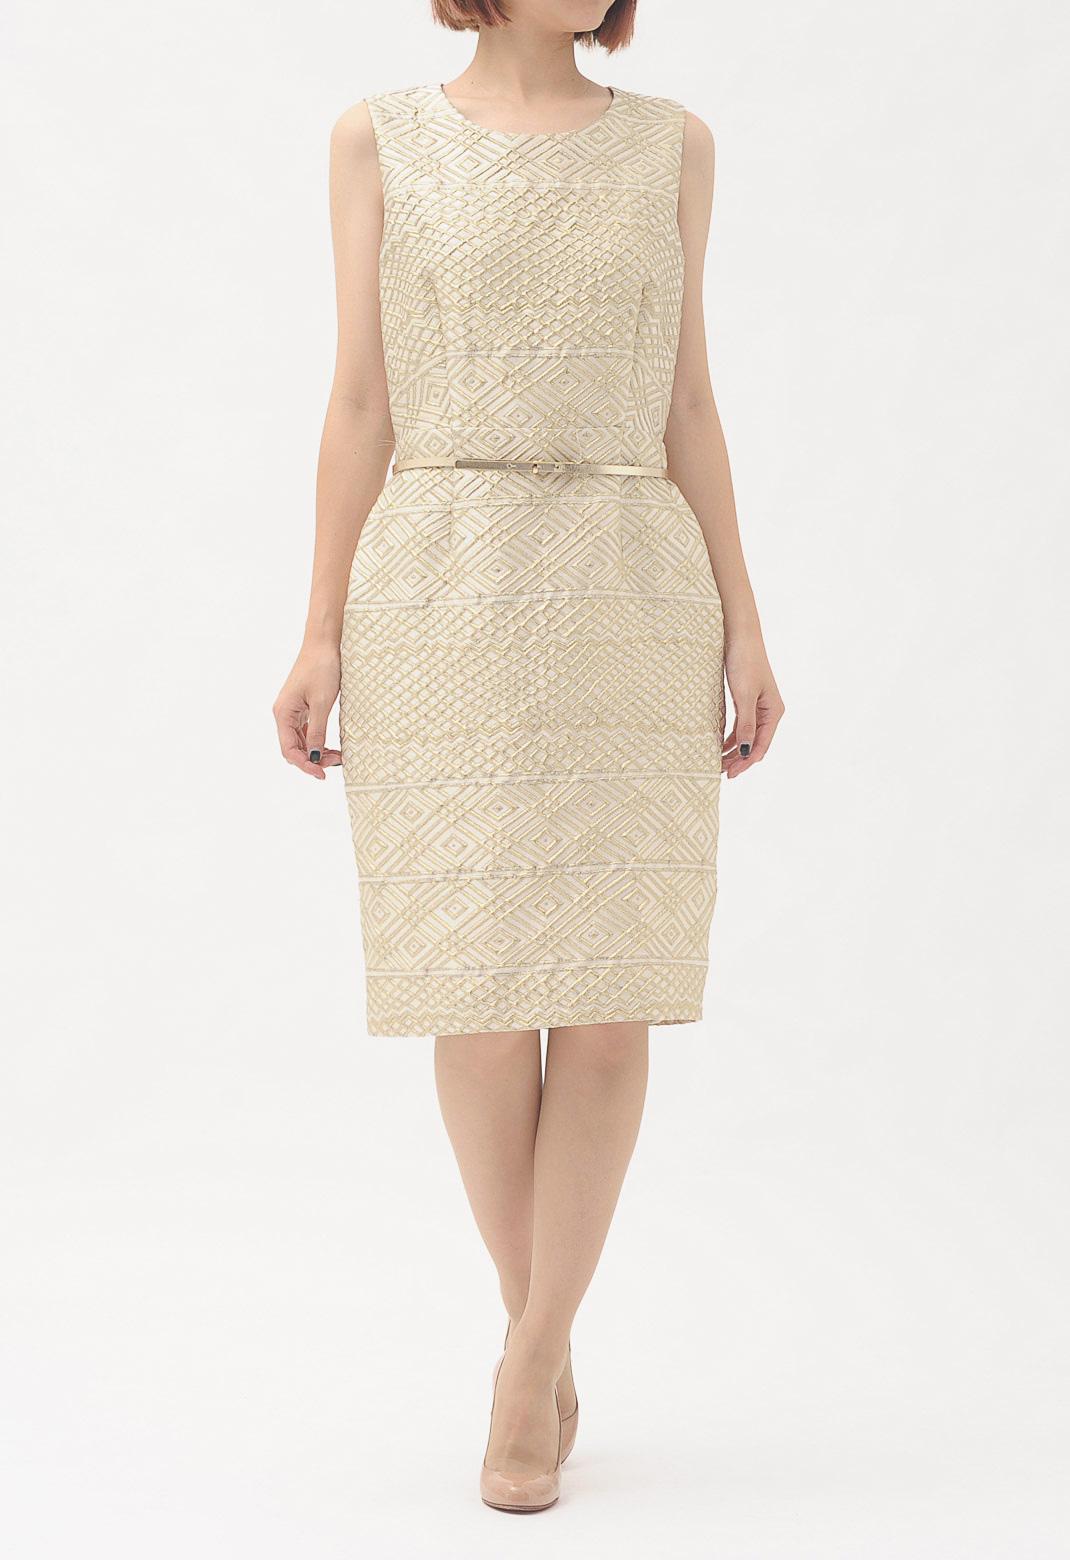 ゴールド刺繍 ベルト付 ノースリーブ ドレス